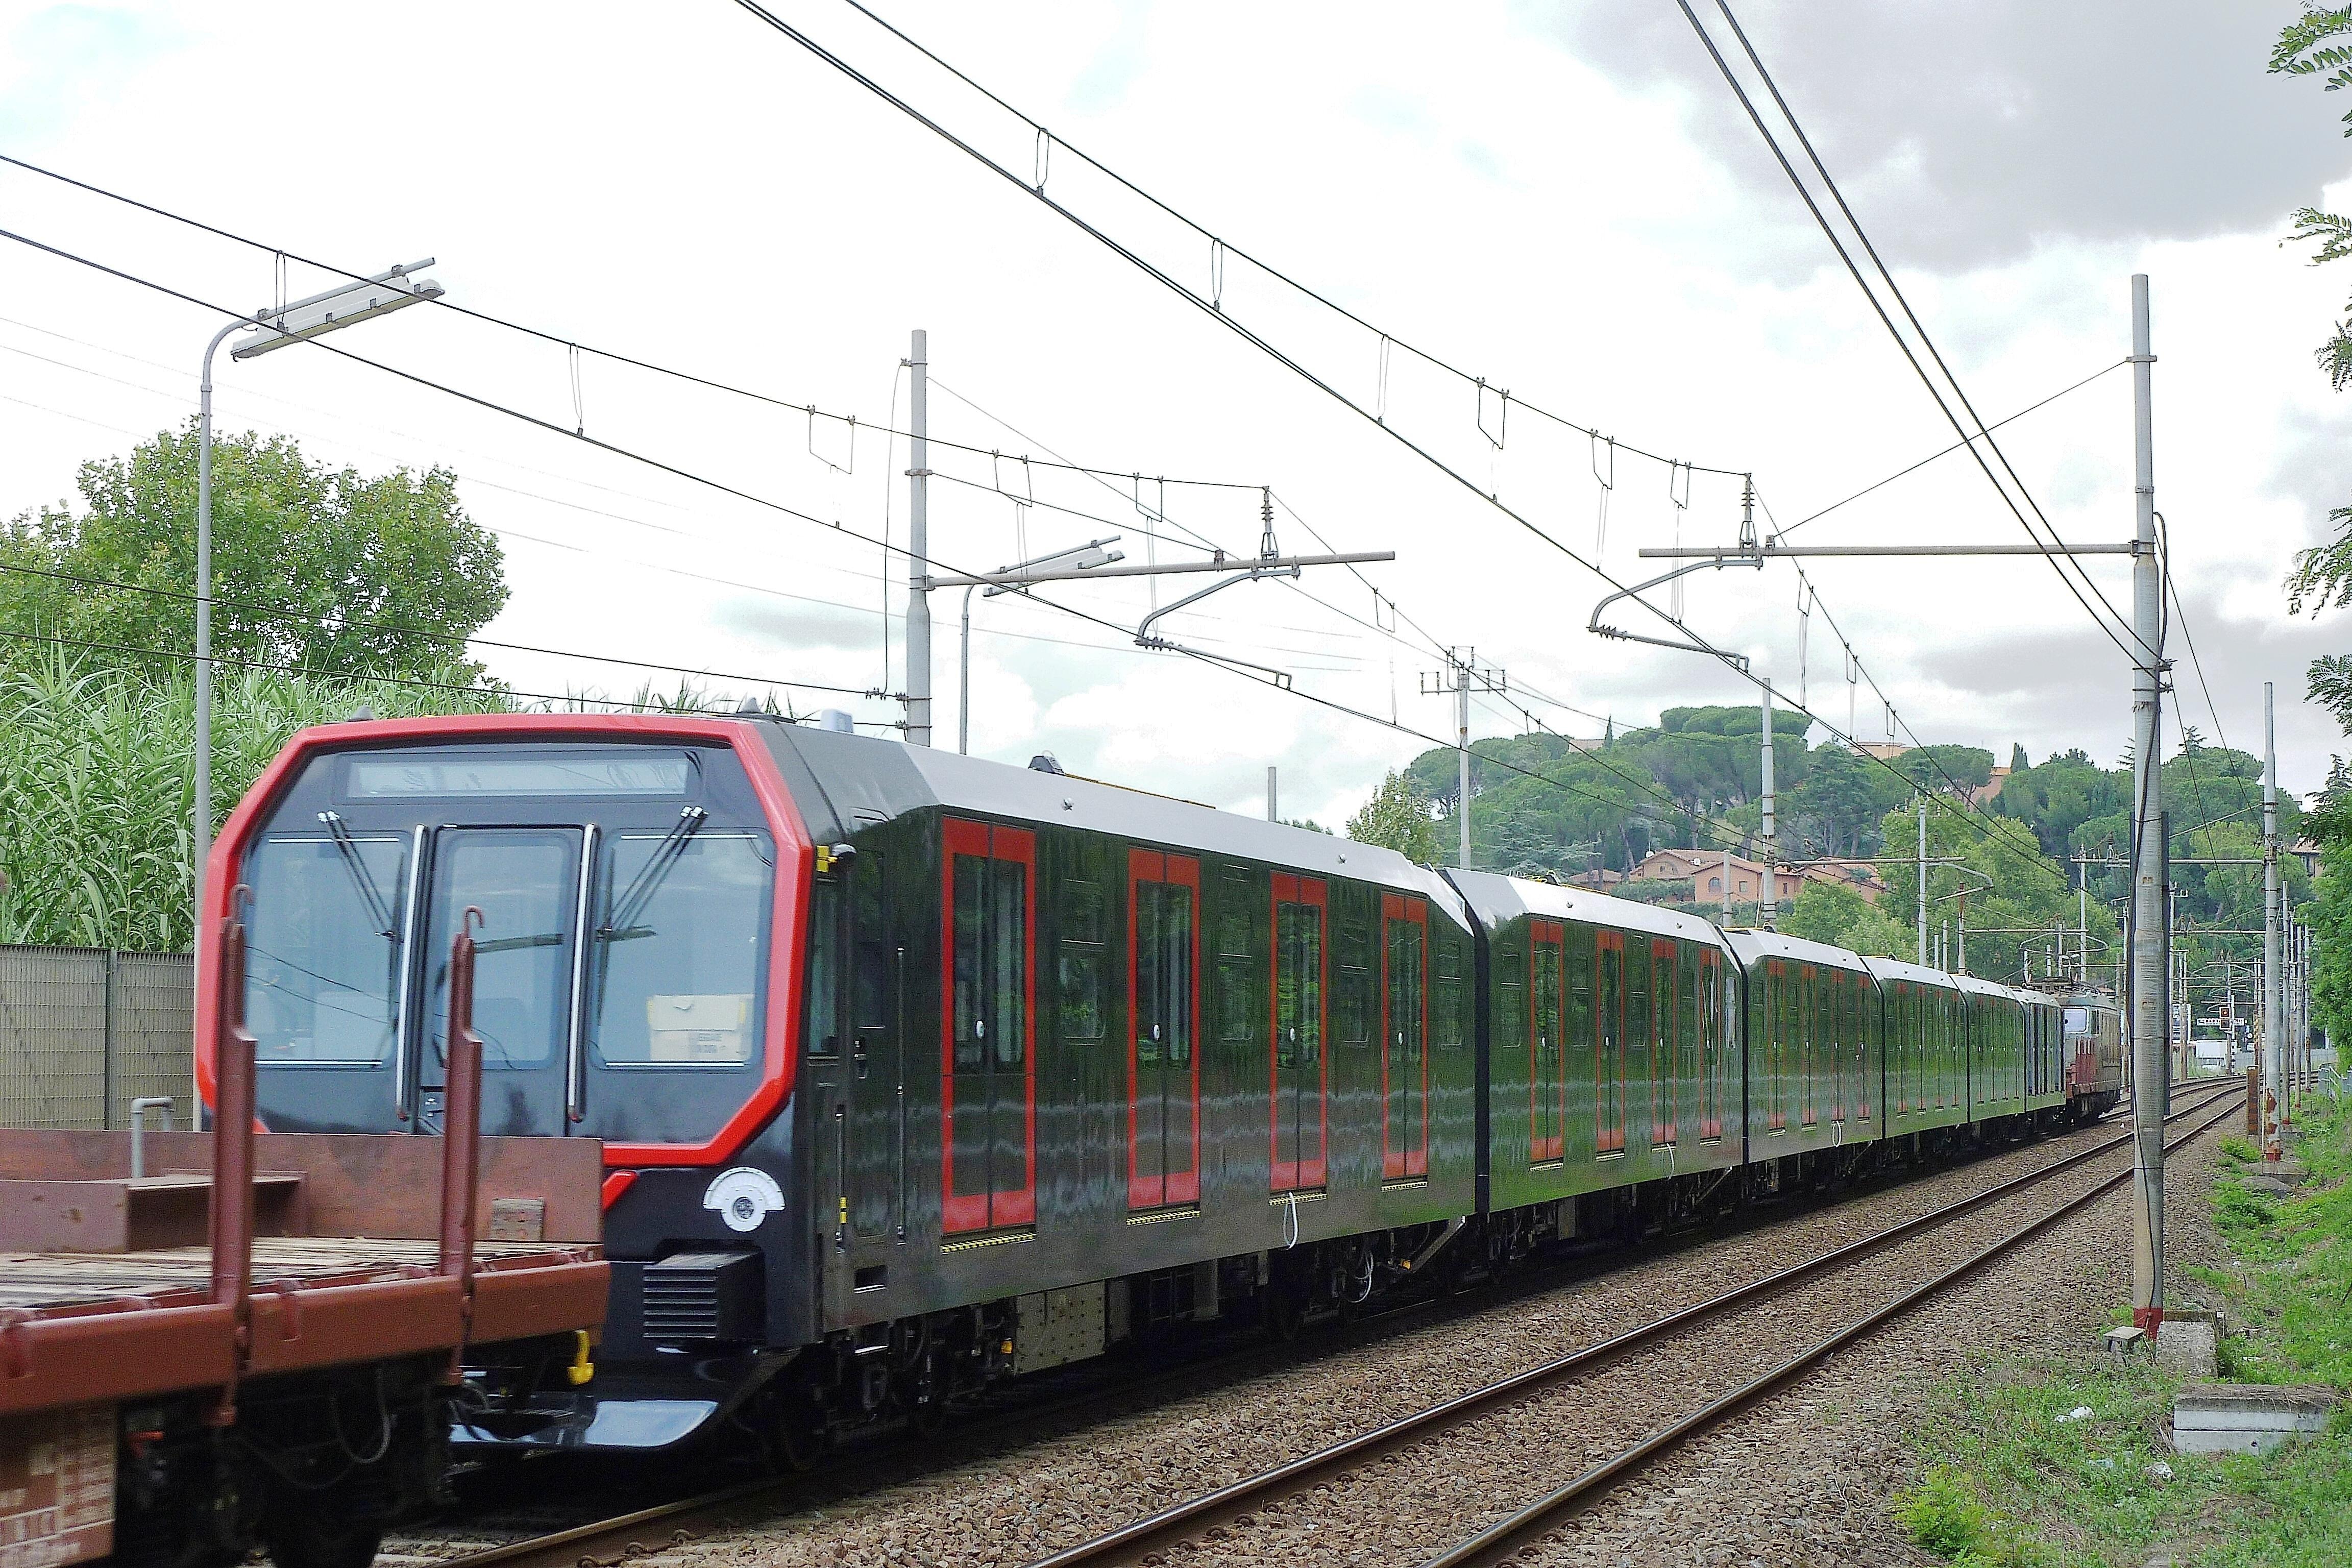 Il nuovo treno per la metropolitana milanesein transito a Roma - Foto Giuseppe Mondelli